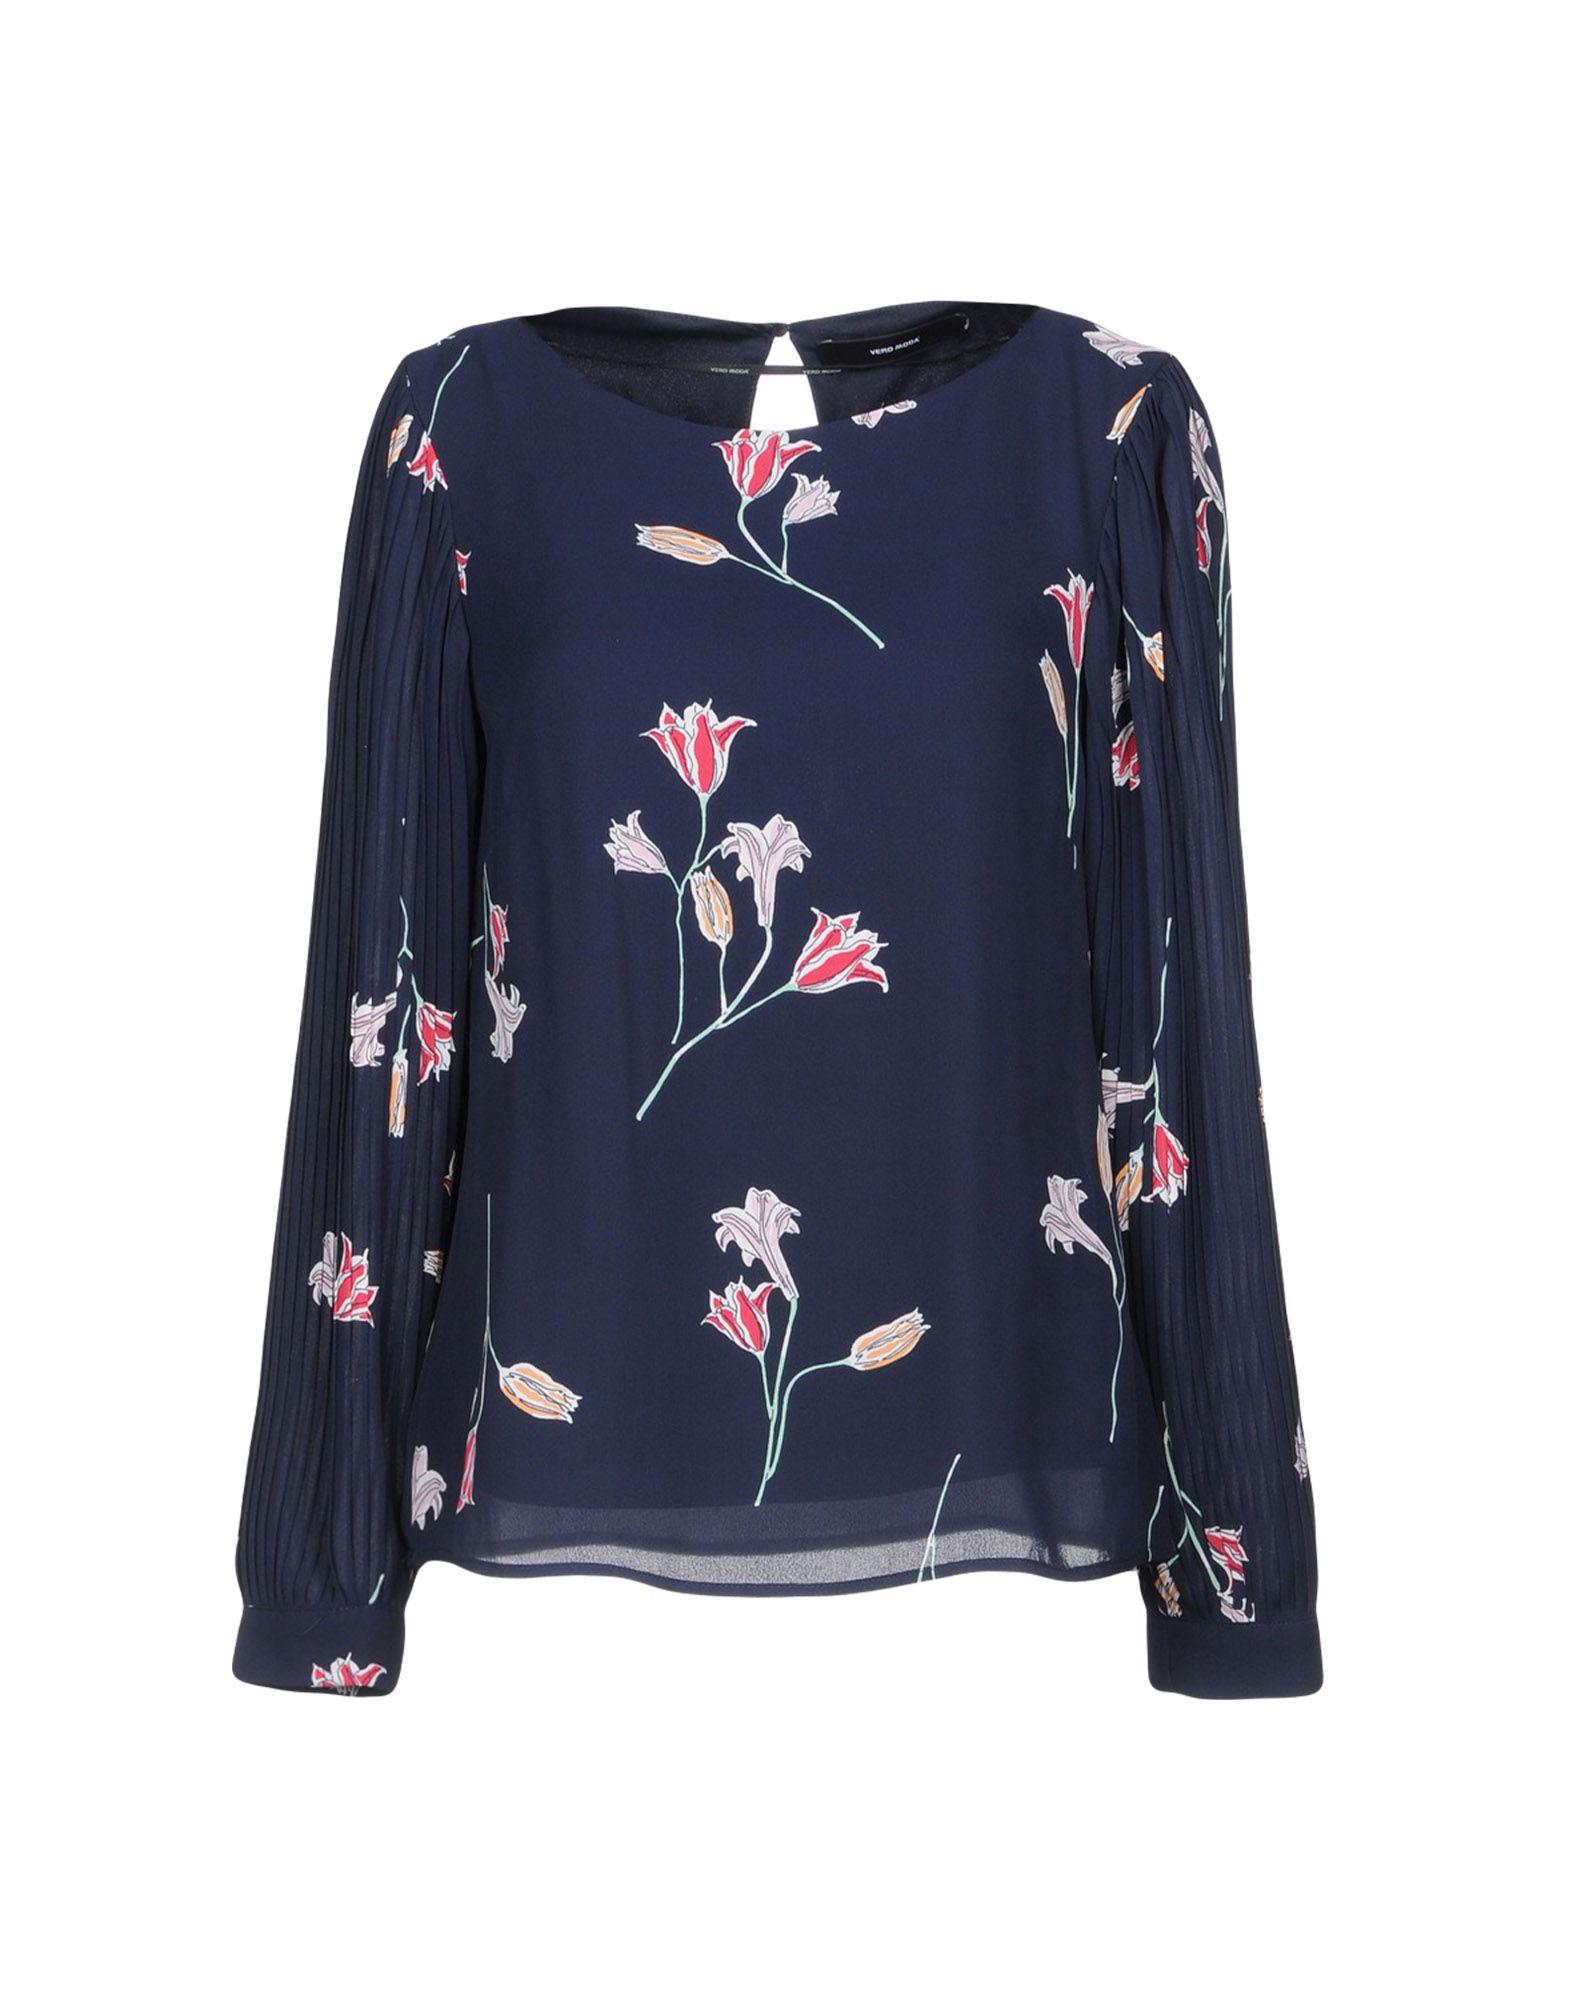 VERO MODA Блузка блузка quelle vero moda 1027118